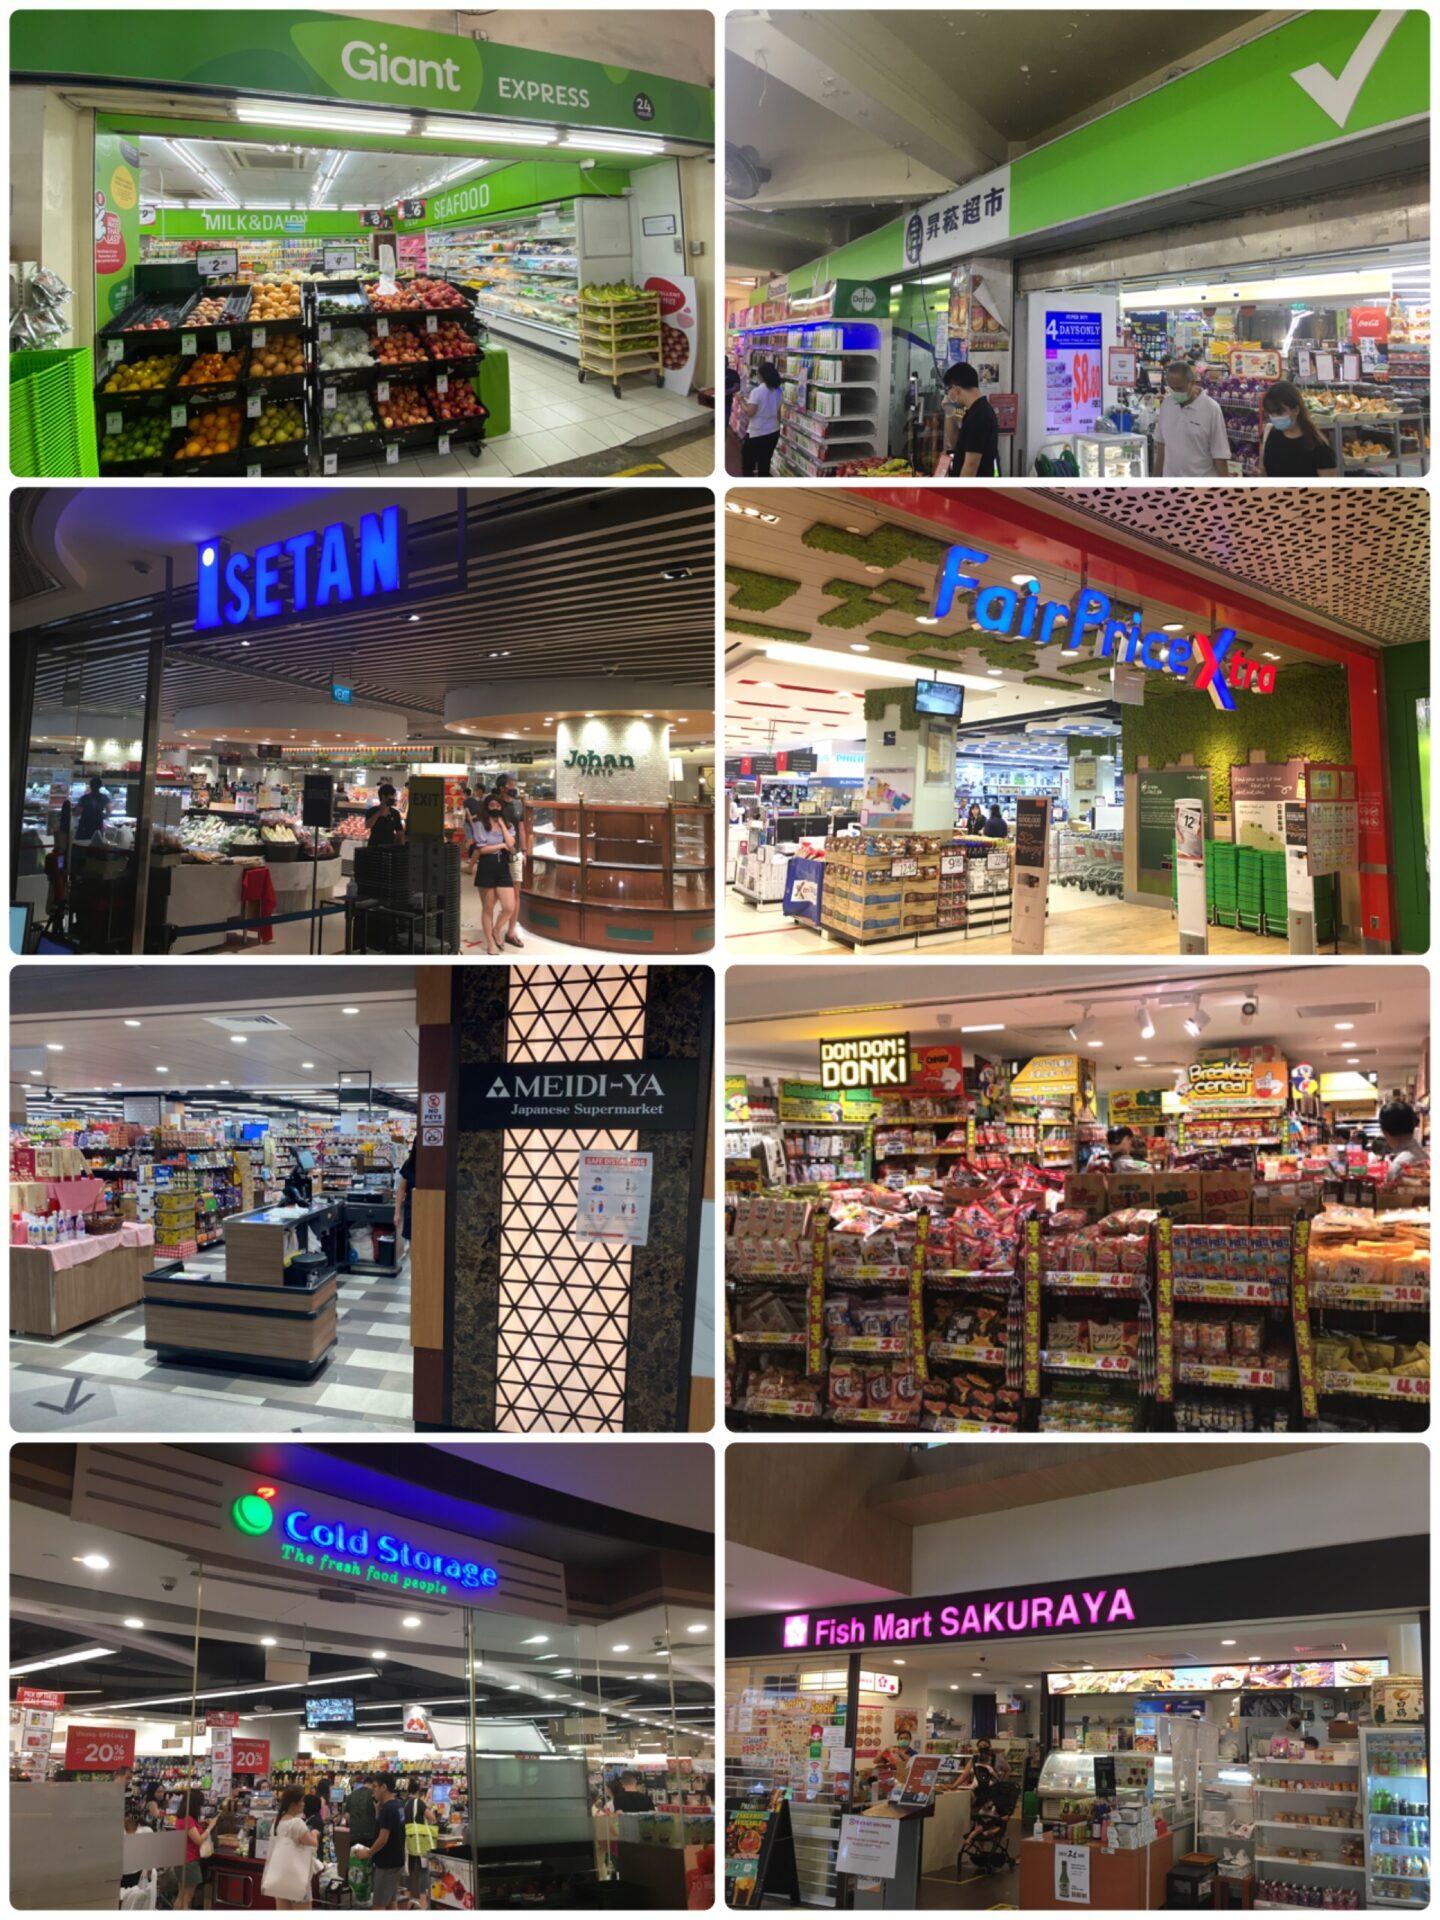 シンガポールに暮らすなら知っておきたい。代表的なスーパーマーケット情報